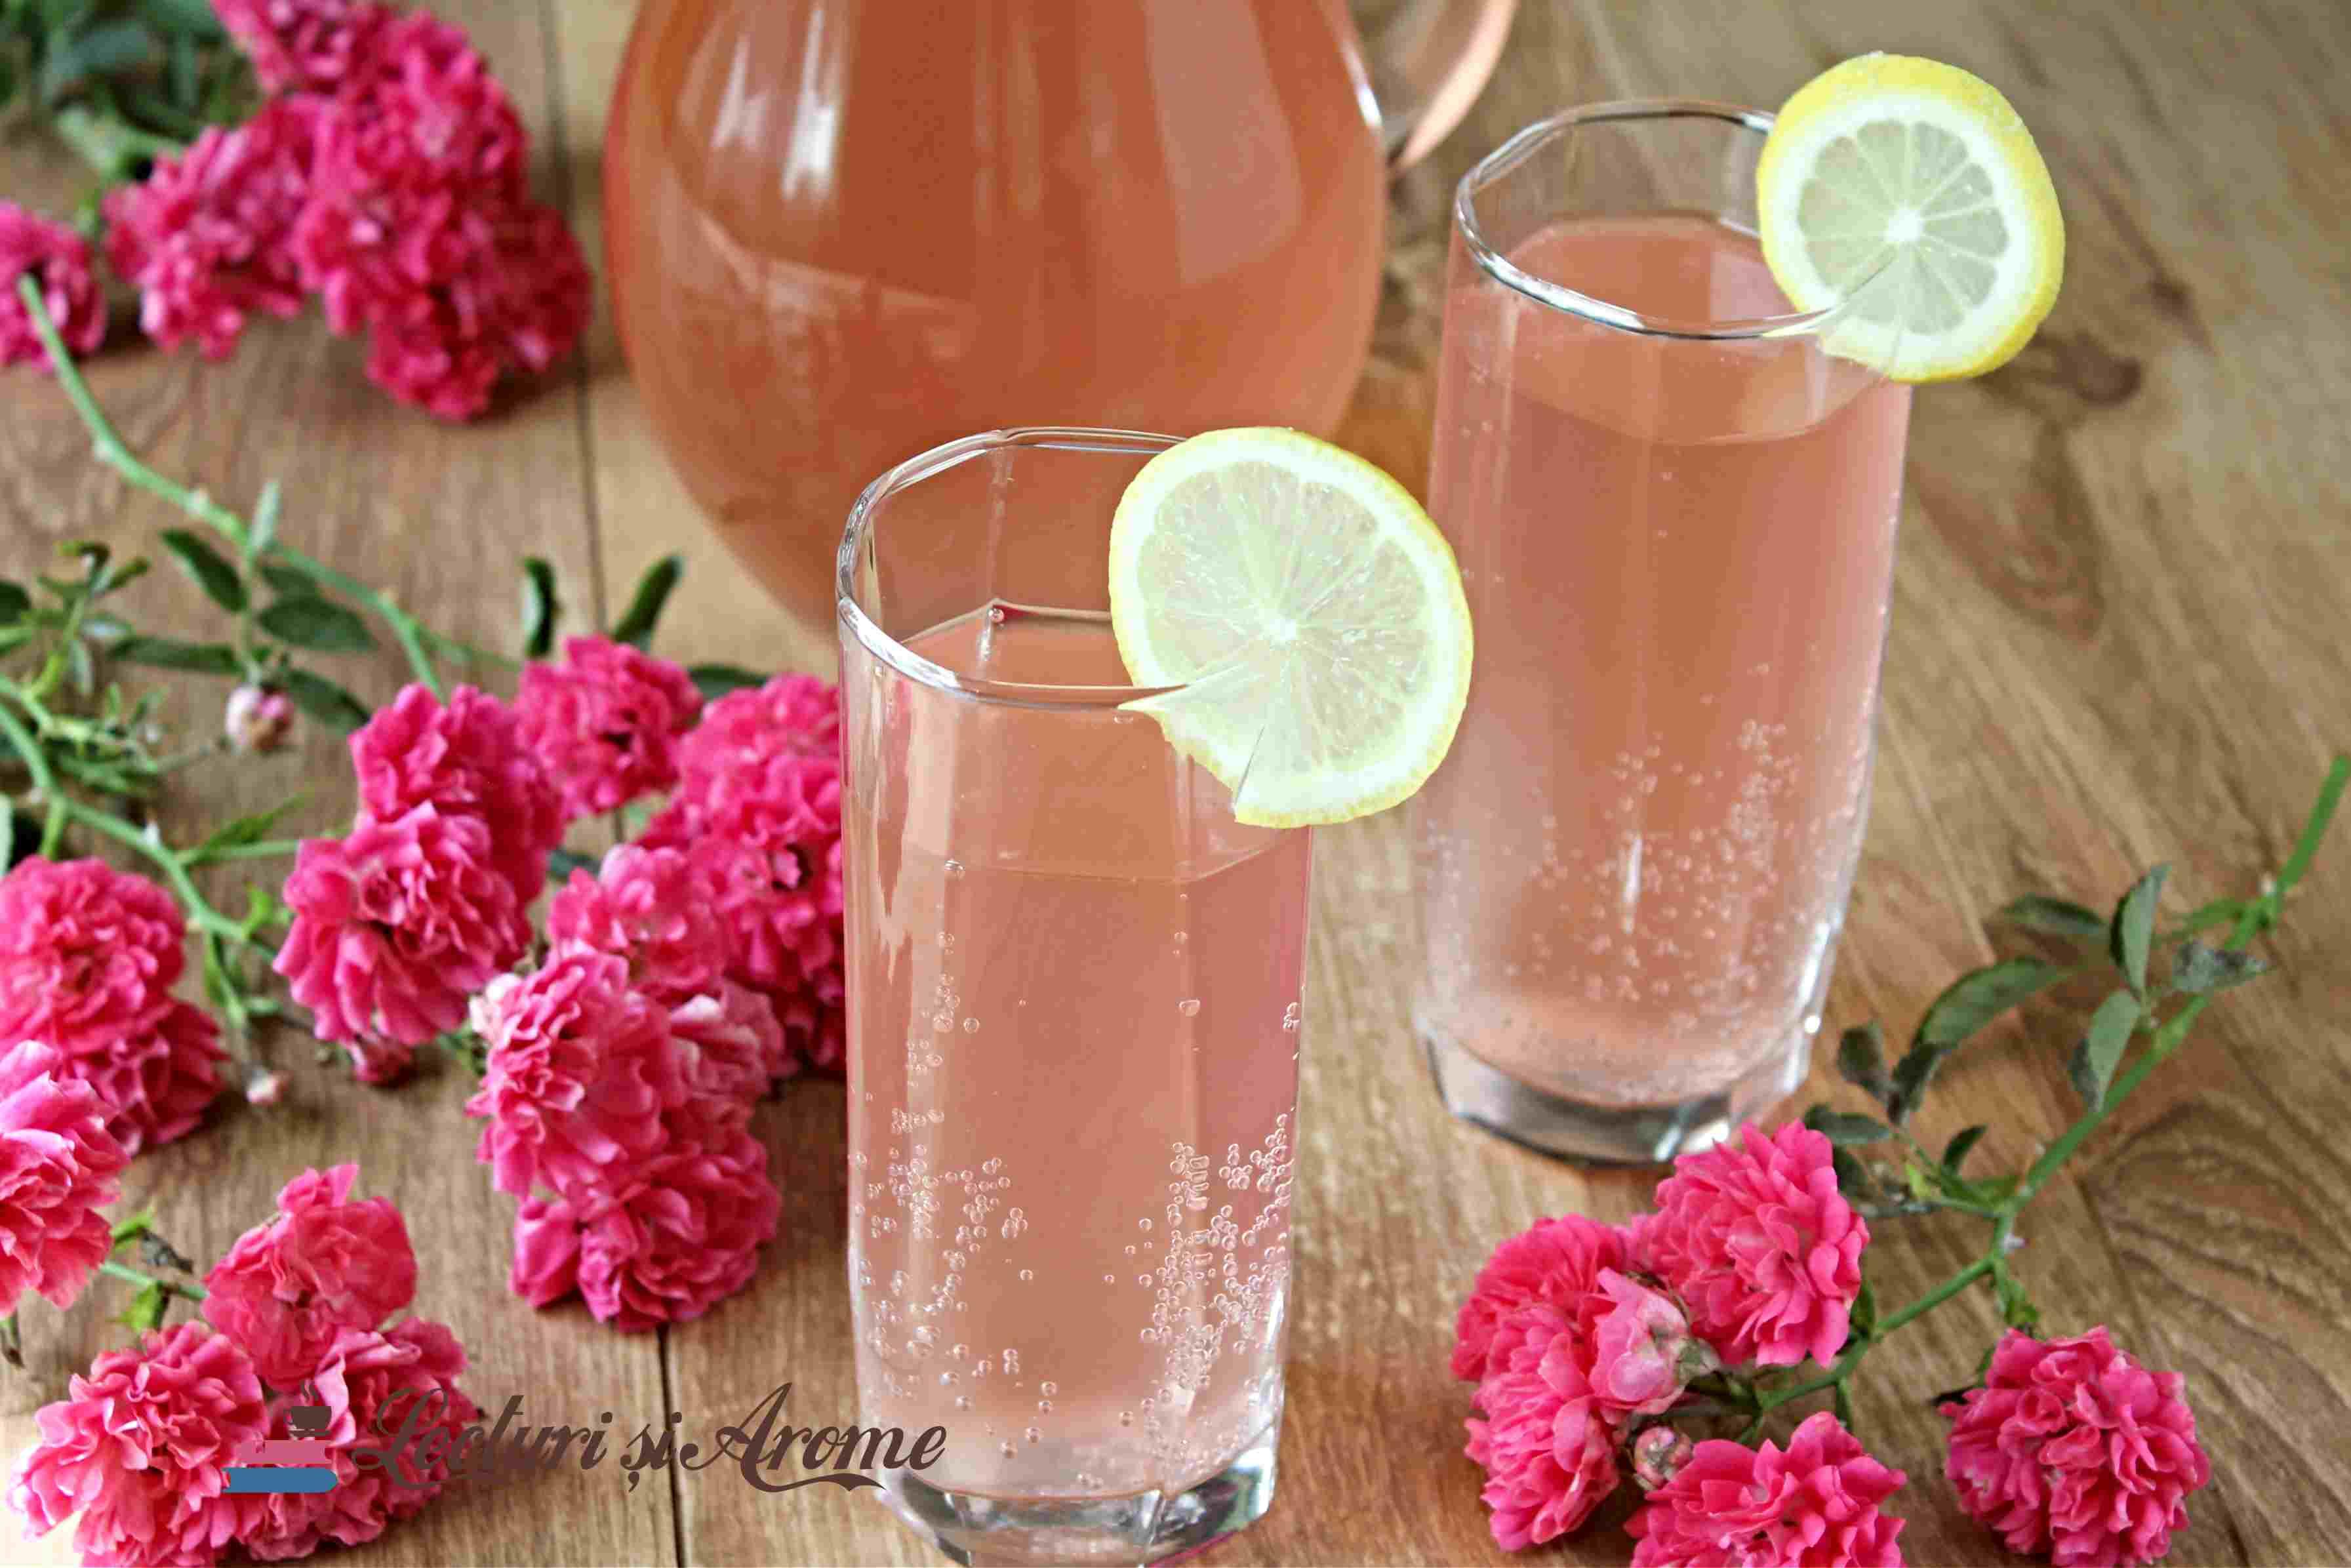 trandafirată - suc acidulat din petale de trandafiri